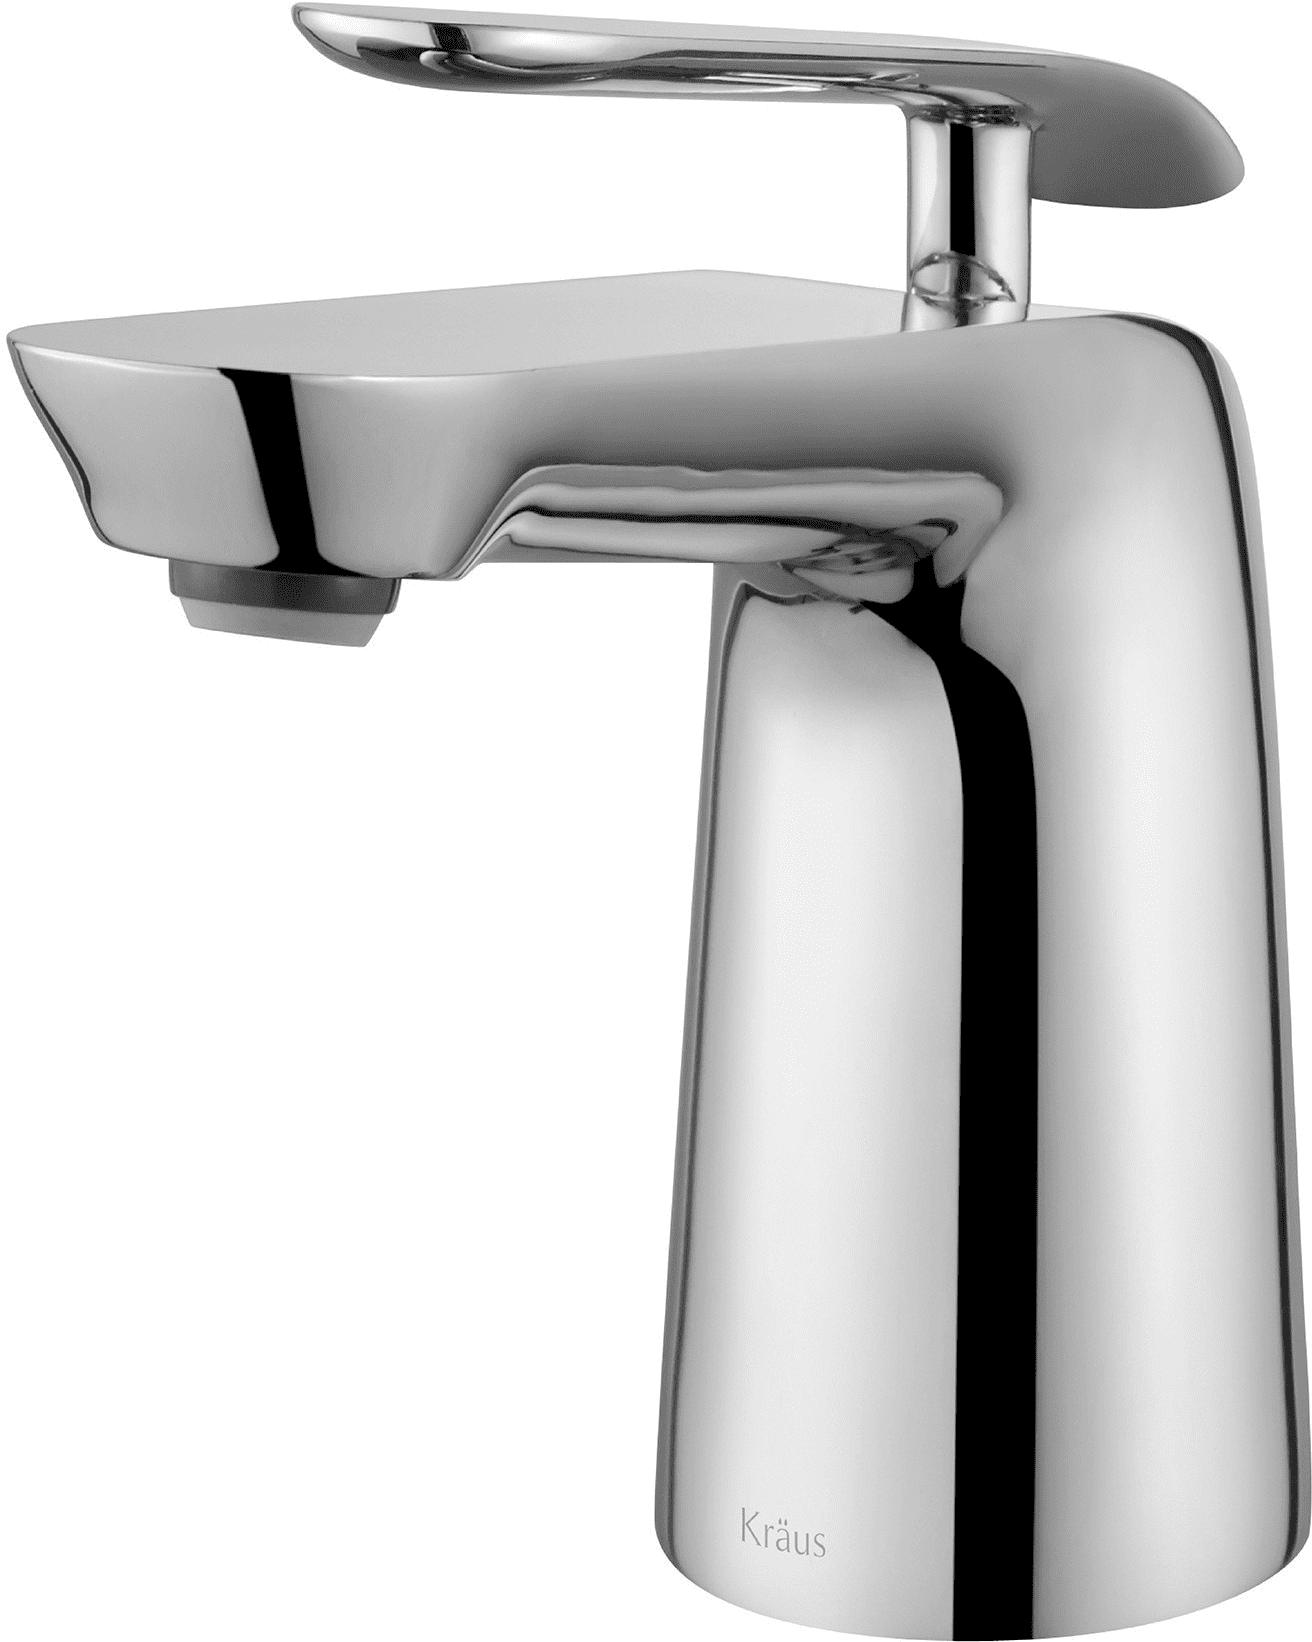 Kraus FUS1821CH Single Handle Cast Spout Bathroom Faucet with Brass ...